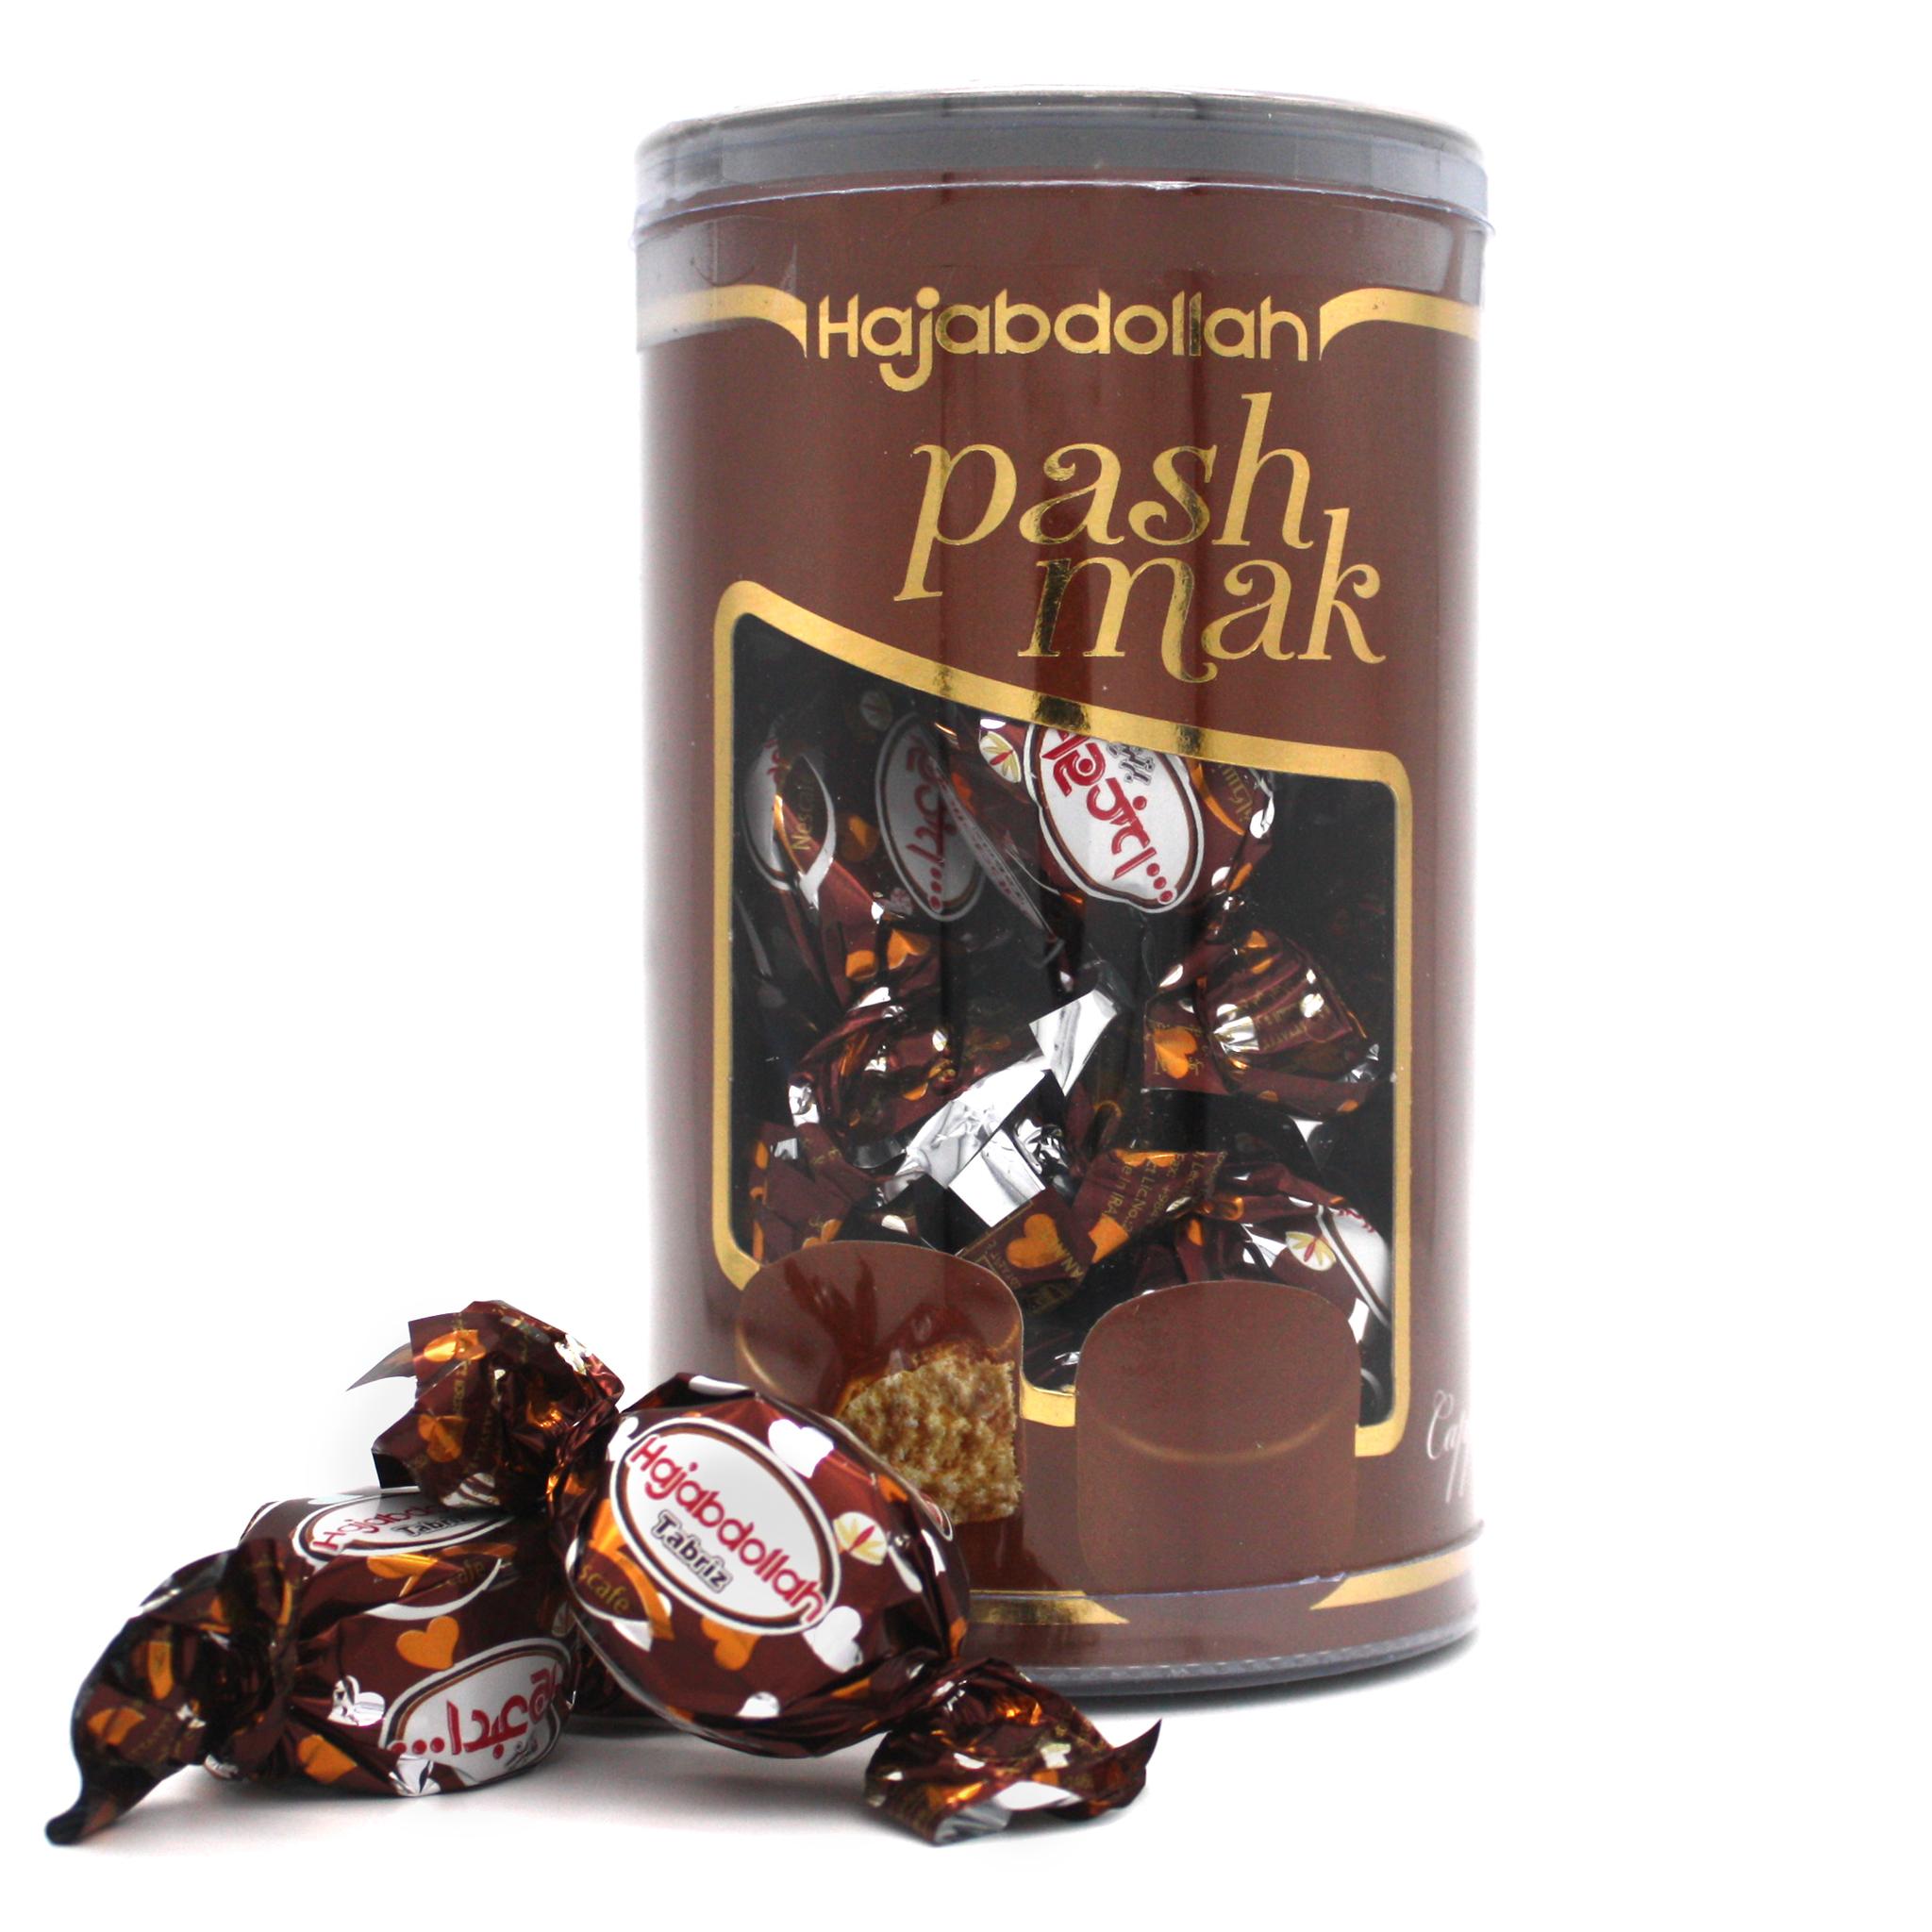 Пишмание со вкусом кофе в шоколадной глазури, Hajabdollah, 200 г import_files_1a_1a7da9153a6511e9a9a6484d7ecee297_86940bc640a511e9a9a8484d7ecee297.jpg